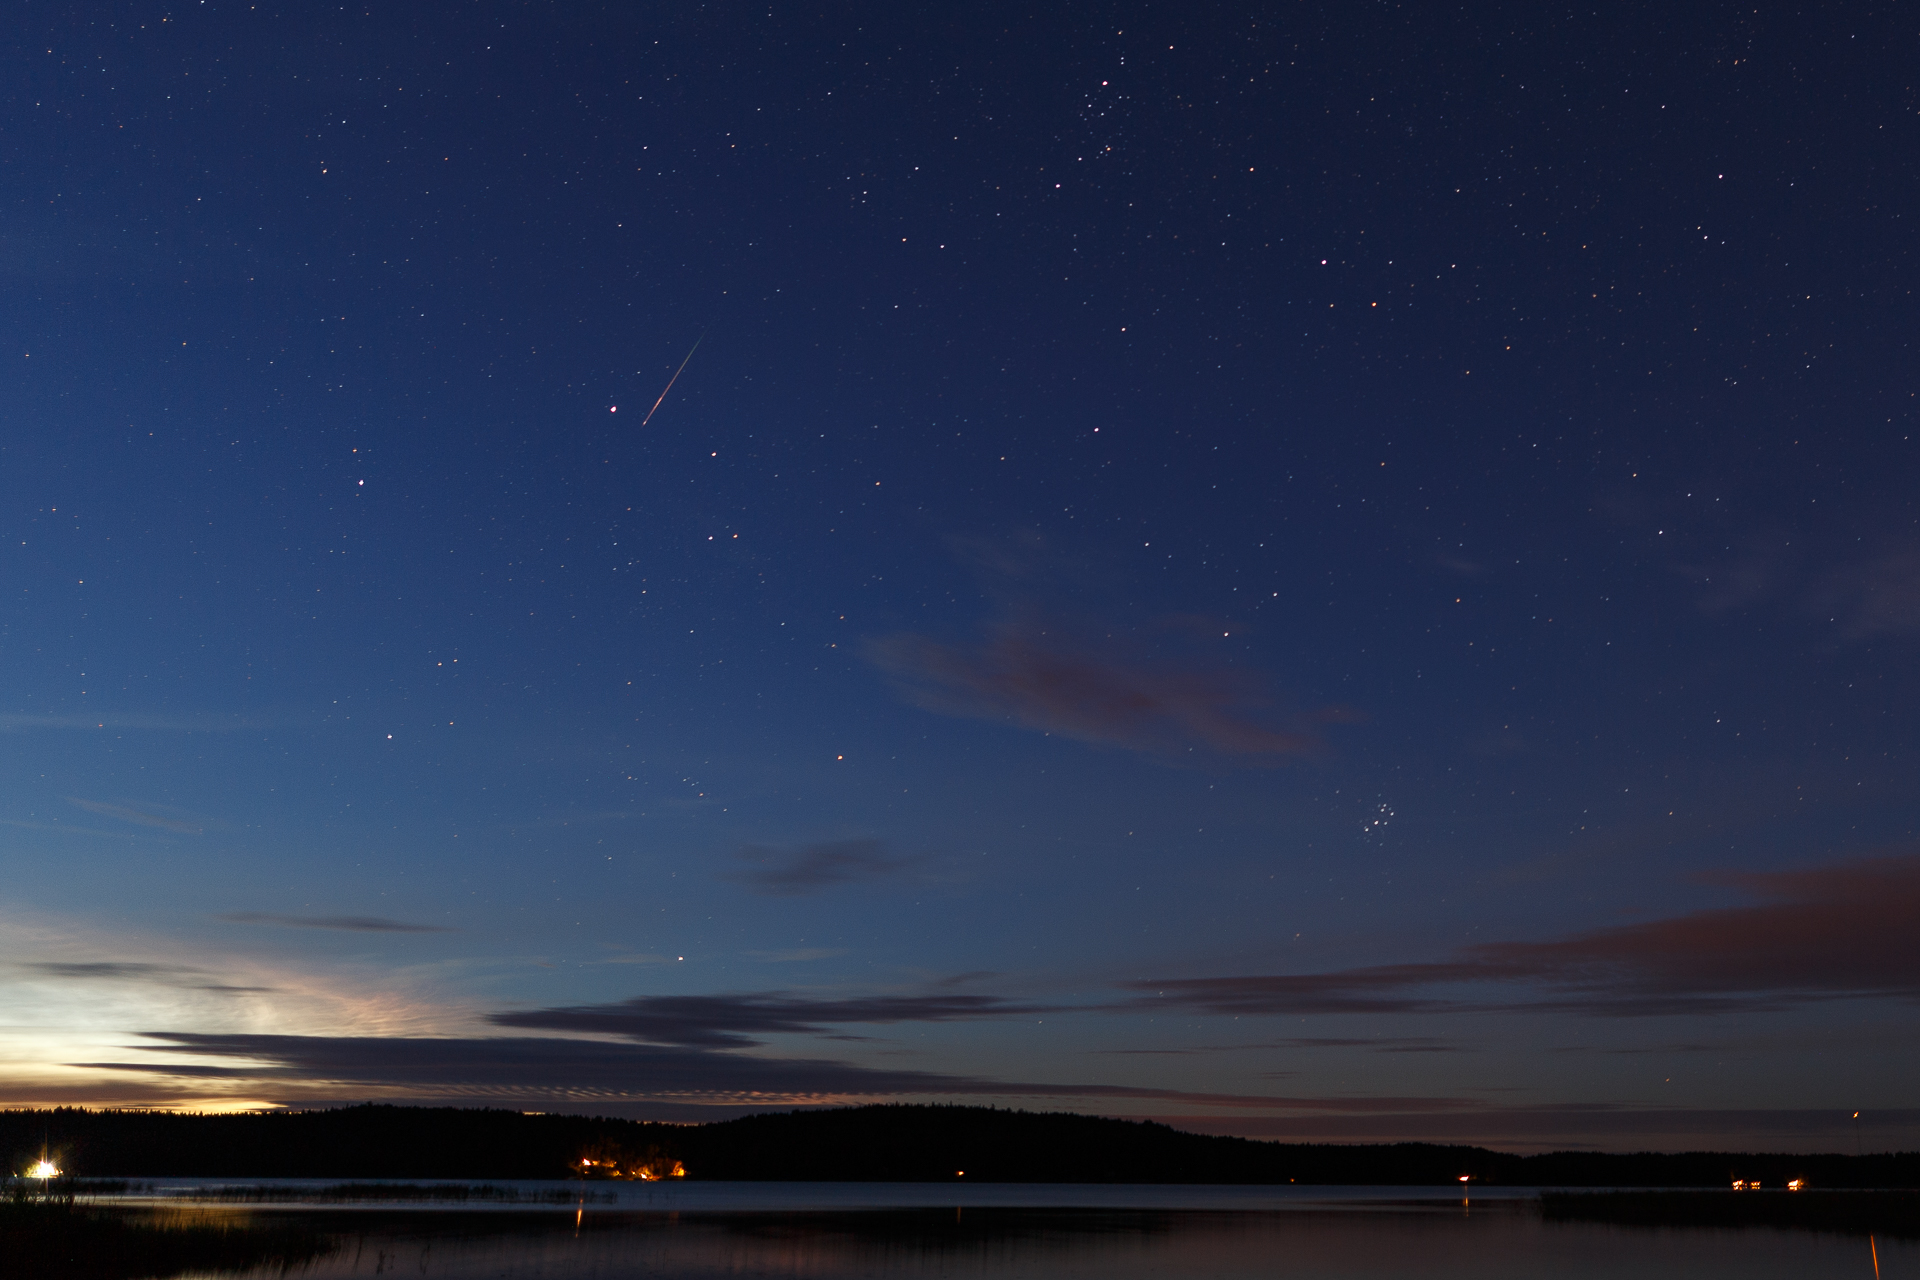 Tämä on Capella-tähteä ohittava meteori on selvästi Perseidi, se tulee oikeasta eli Perseuksen tähtikuvion suunnasta.